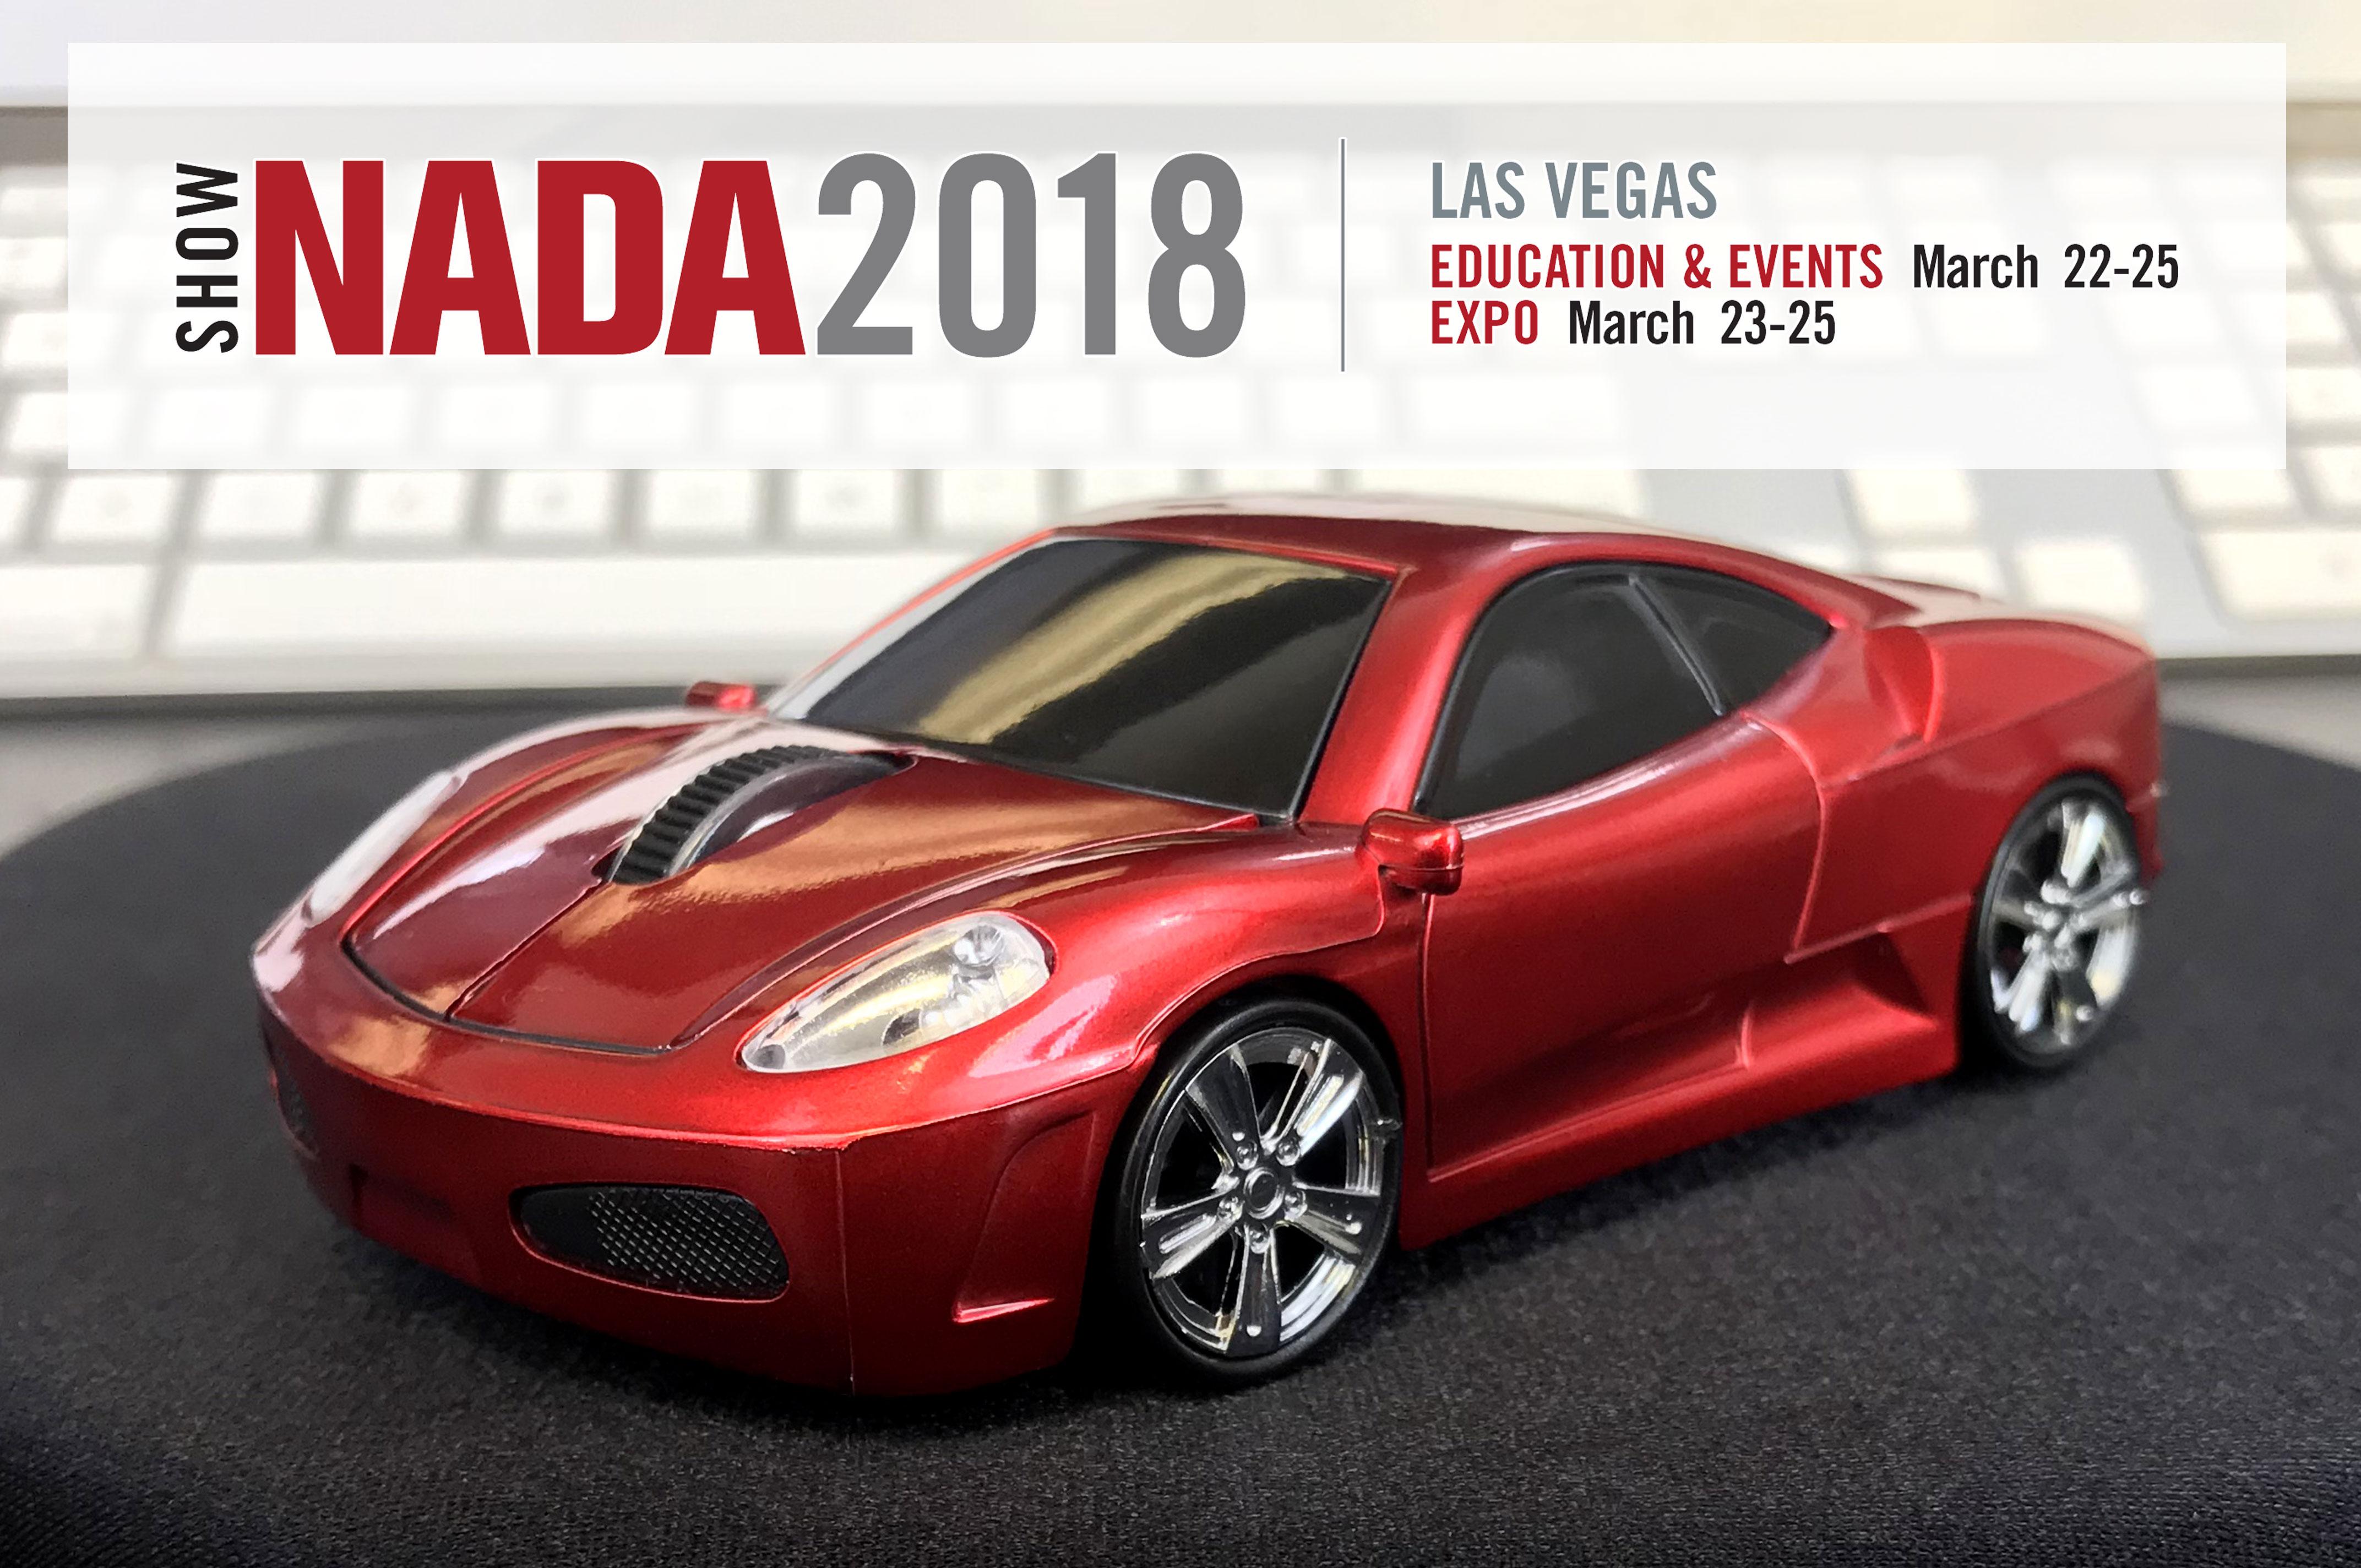 NADA Free Ferrari